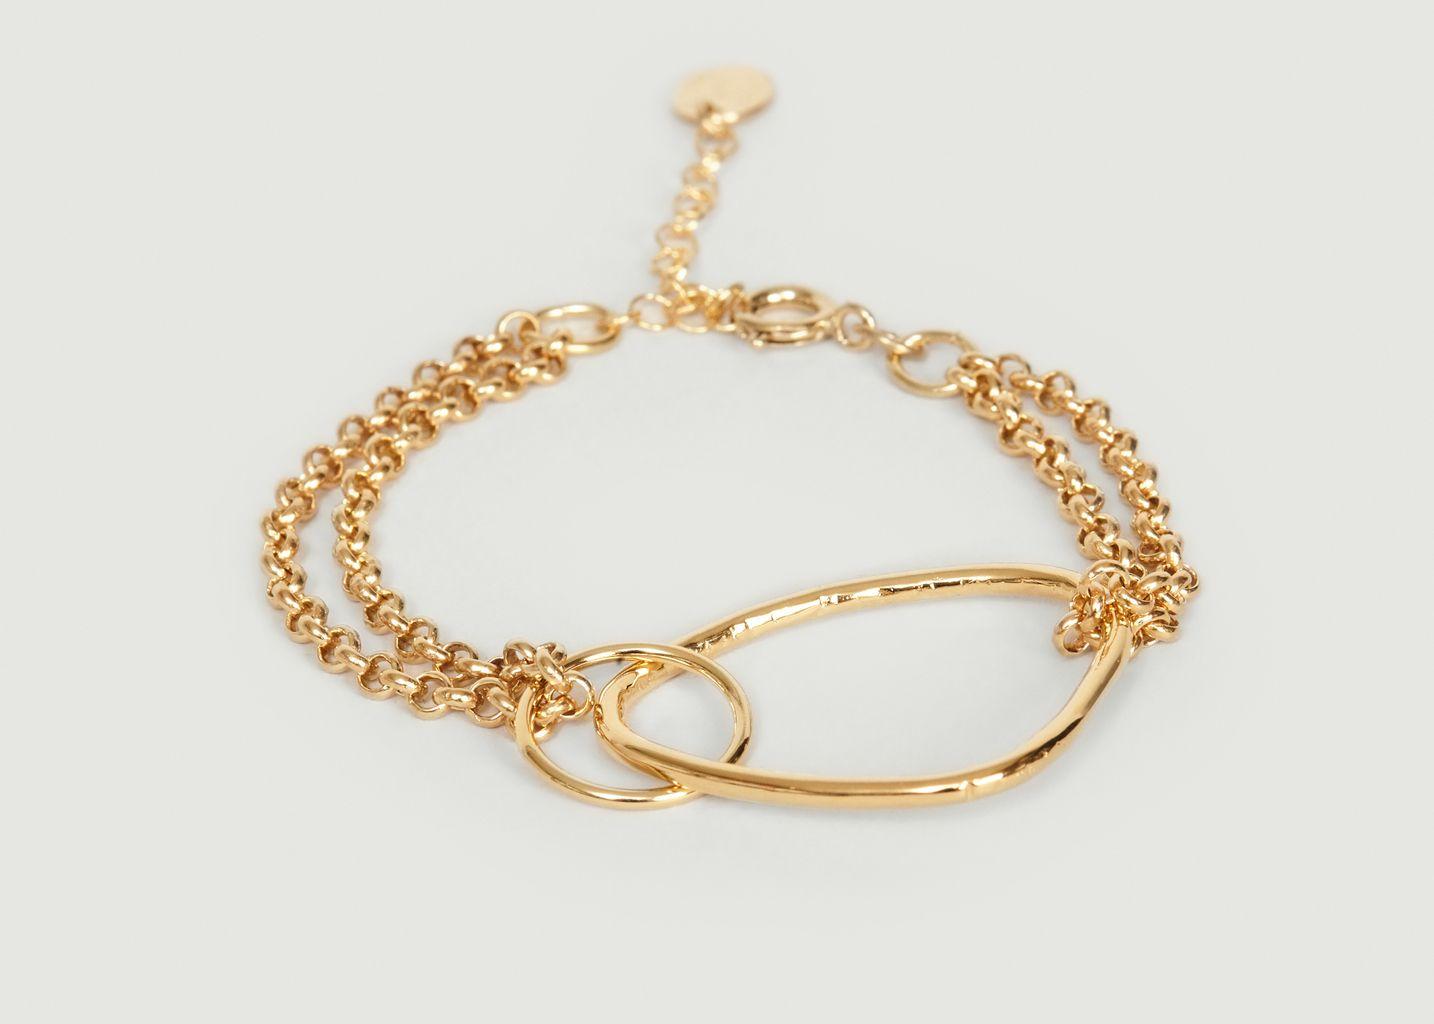 Bracelet Turandot - Medecine Douce